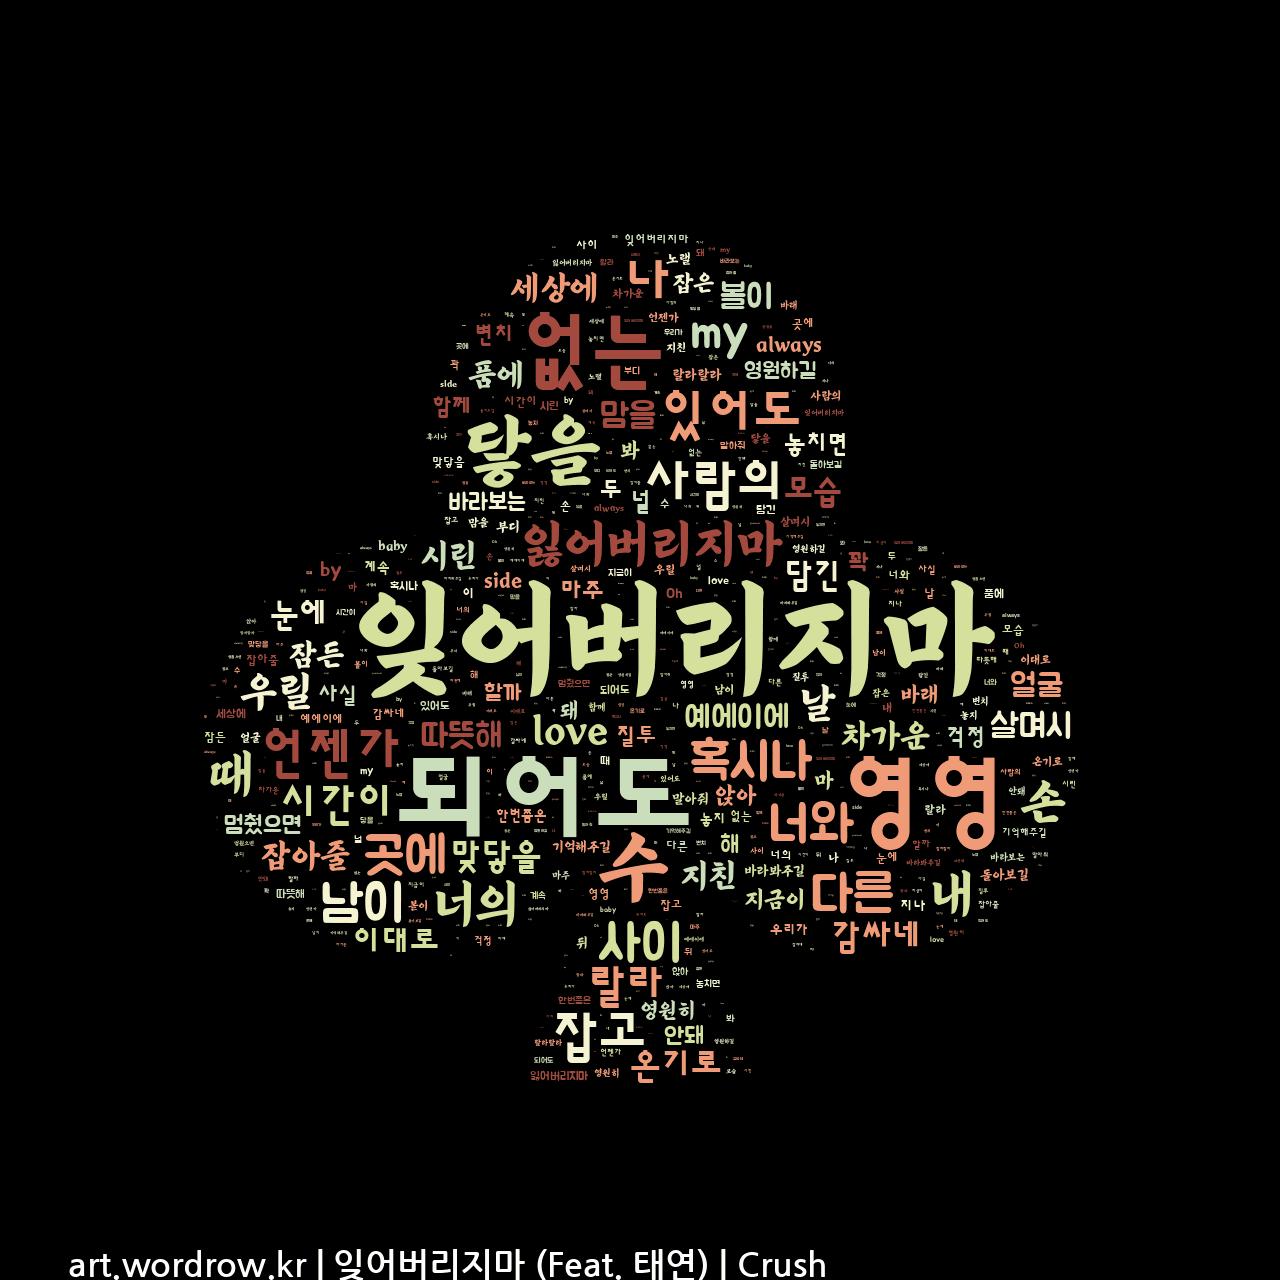 워드 아트: 잊어버리지마 (Feat. 태연) [Crush]-24